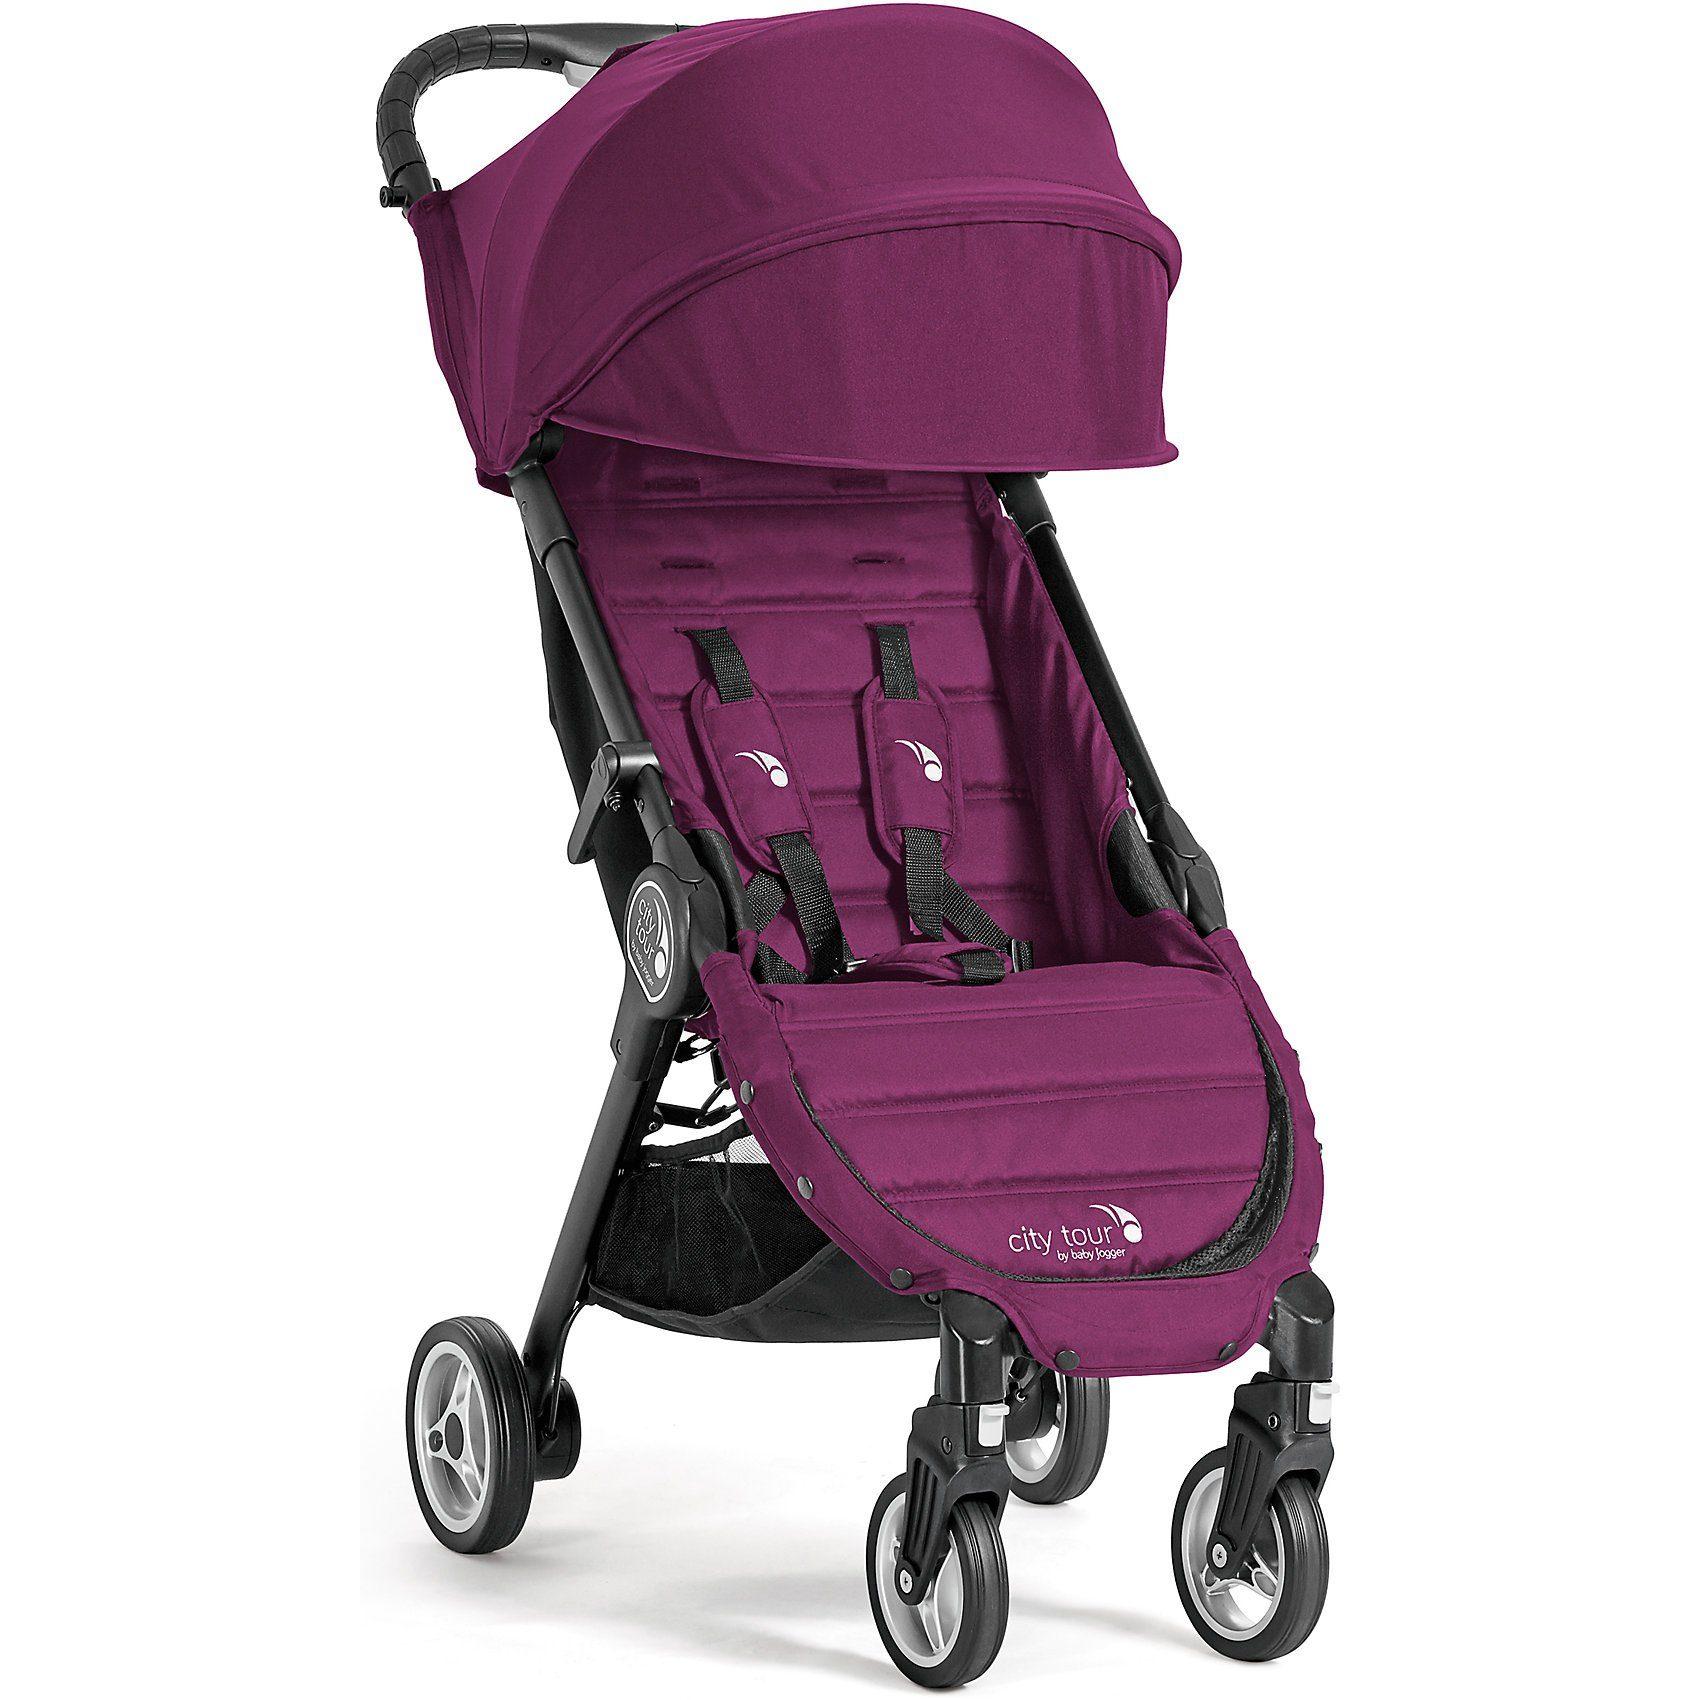 Baby Jogger Sportwagen City Tour, violet